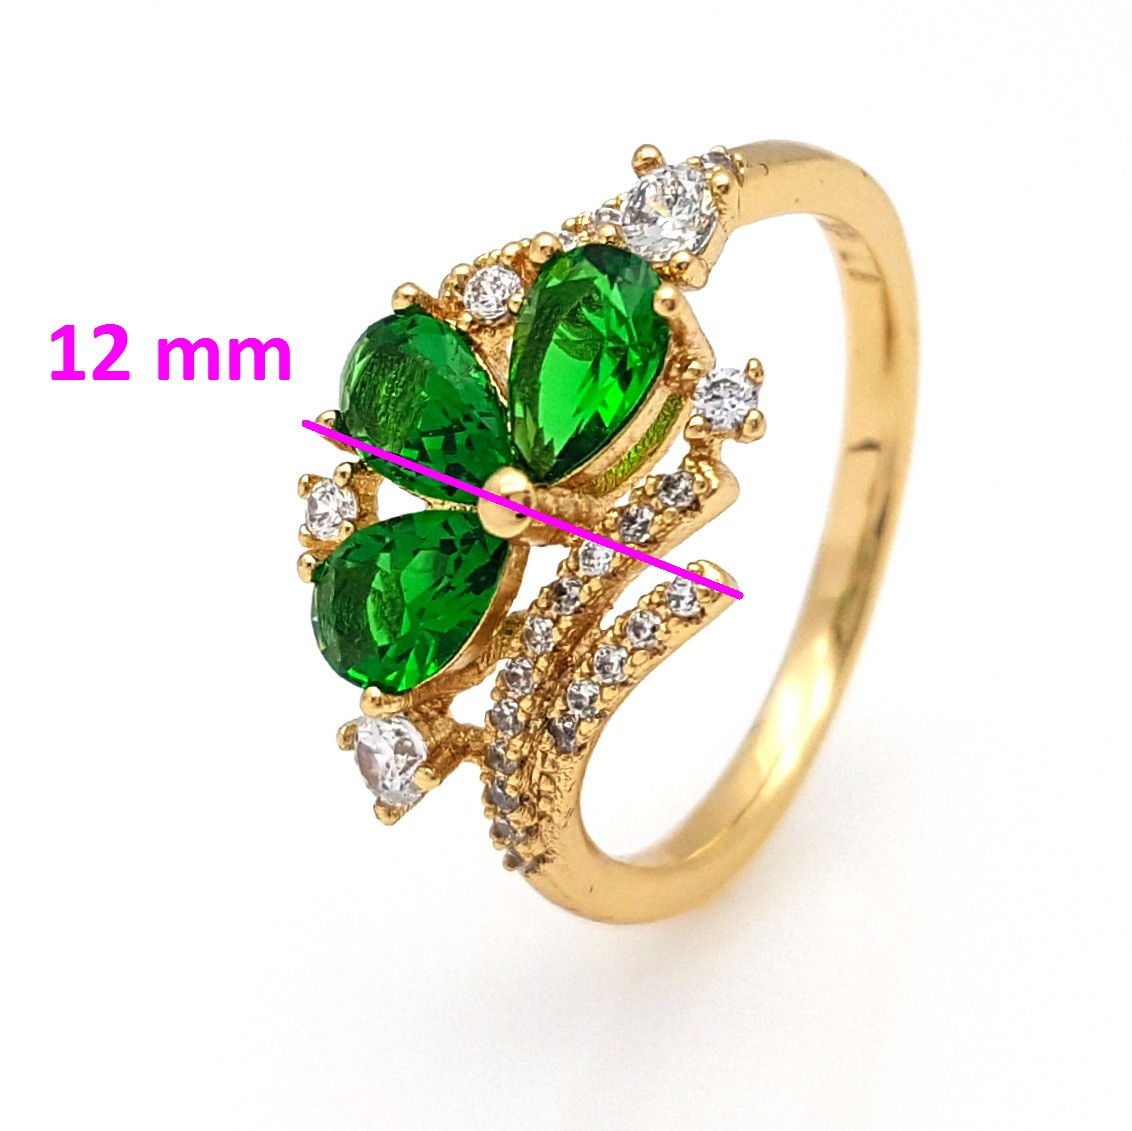 Кольцо Трилистник, с зеленым цирконием, р.17, р.18, р.18,5, позолота